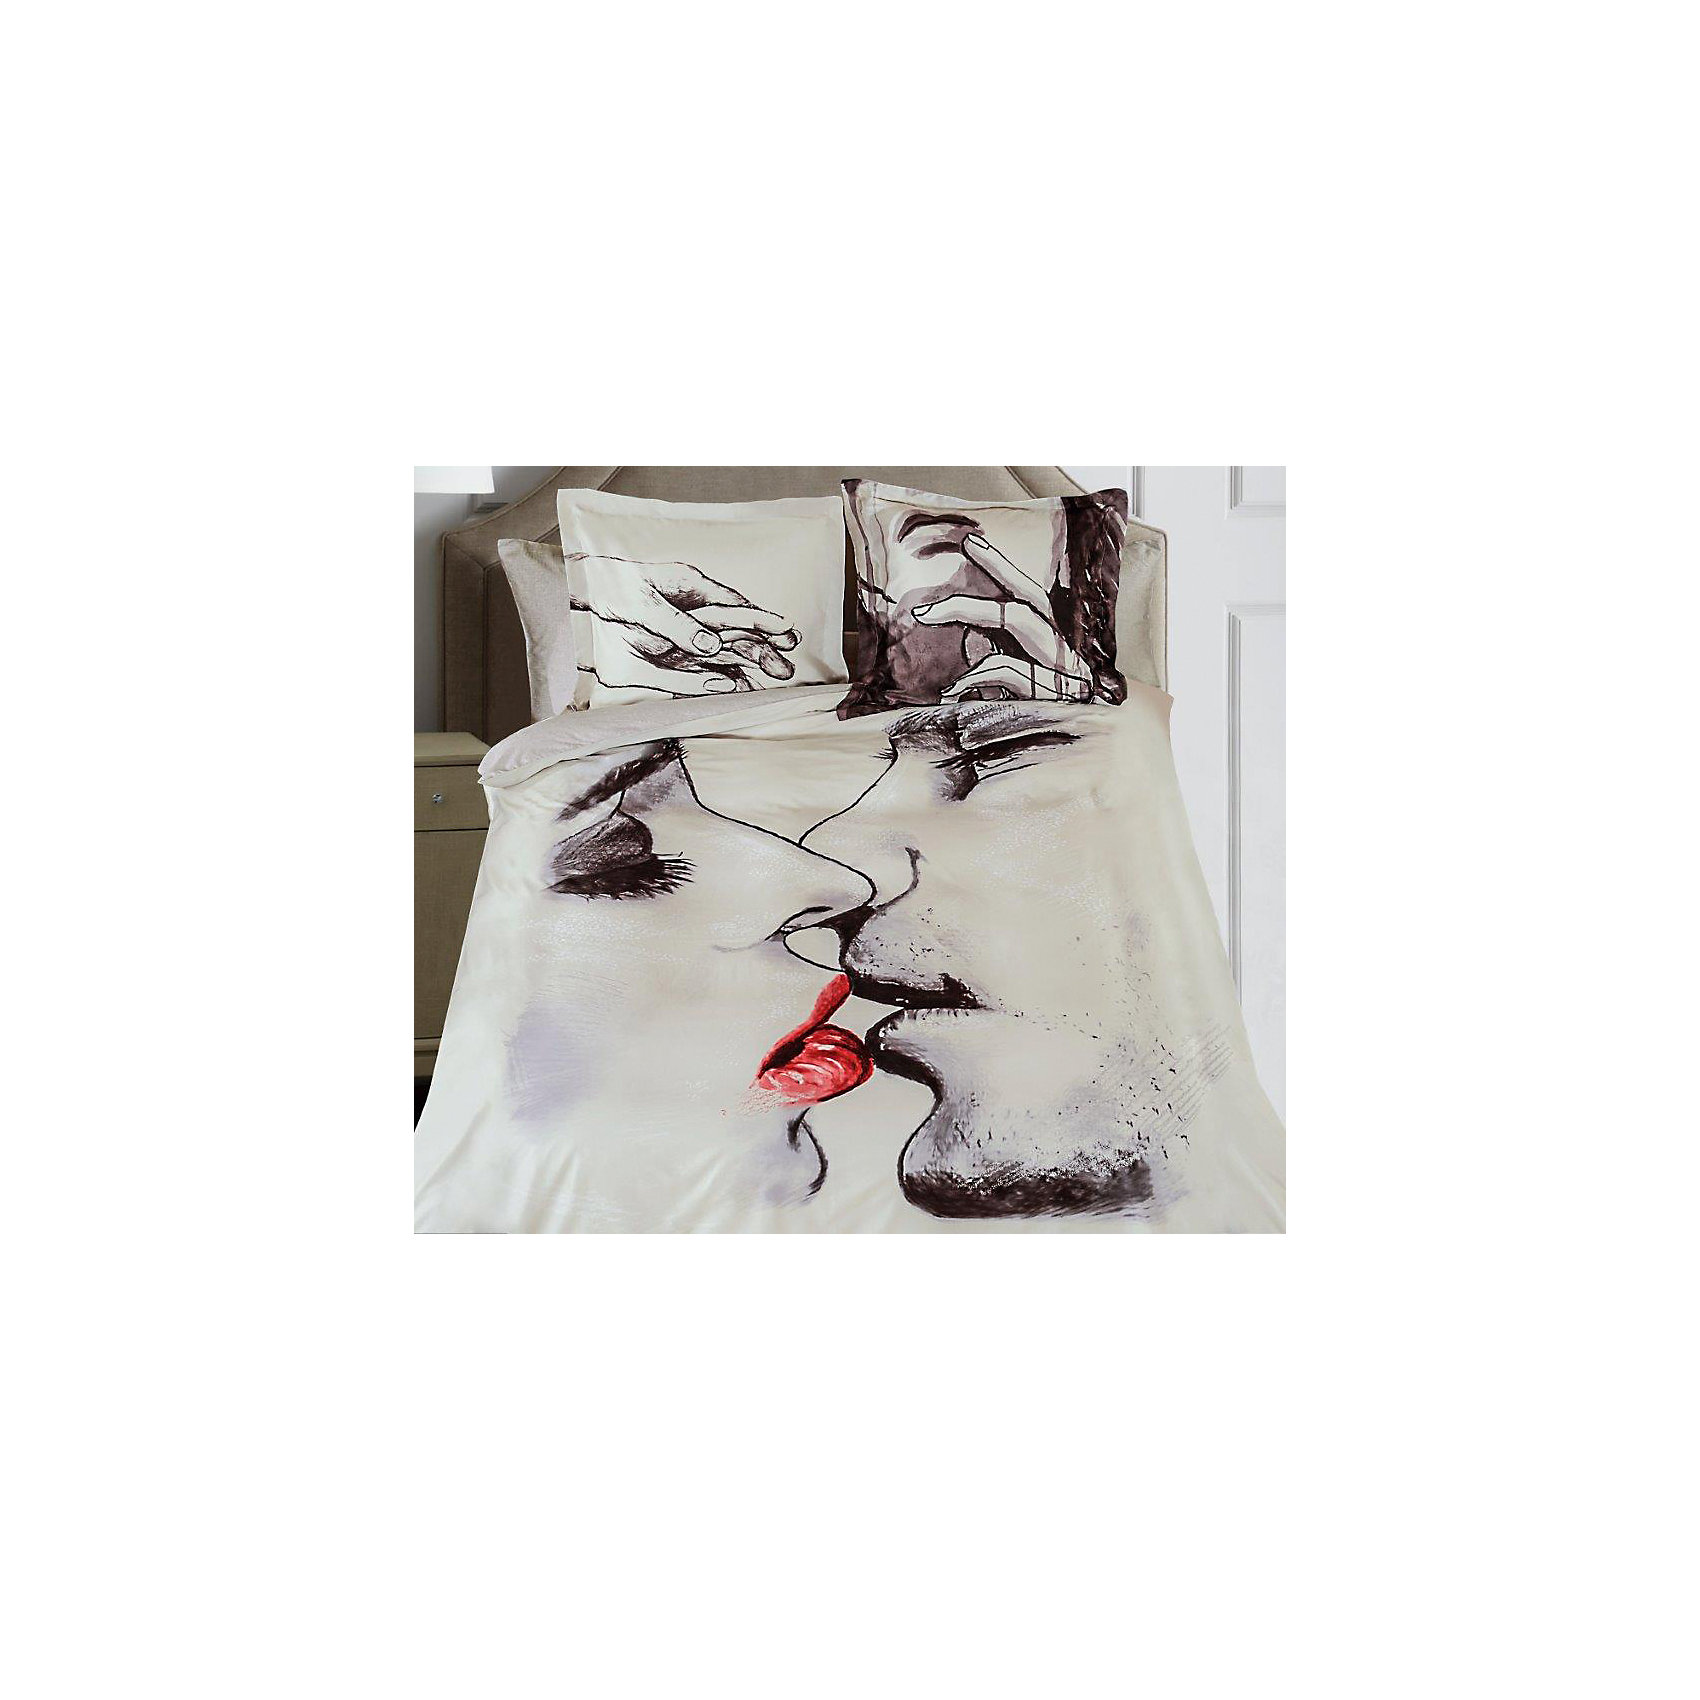 Постельное белье Two 2 сп., Mona Liza, нав. 70*70 и 50*70Домашний текстиль<br>Постельное белье Two 2 сп., Mona Liza (Мона Лиза), нав. 70*70 и 50*70<br><br>Характеристики:<br><br>• в комплекте: простынь, пододеяльник, 4 наволочки<br>• материал: сатин<br>• состав: 100% хлопок<br>• размер пододеяльника: 175х210 см<br>• размер простыни: 240х215 см<br>• размер наволочек: 70х70 - 2 шт; 50х70 см - 2 шт.<br>• размер упаковки: 37х8х29 см<br>• вес: 2200 грамм<br><br>Комплект изготовлен из сатина. Это хлопковый материал, отличающийся привлекательным внешним видом и удобством в использовании. Сатин практически не мнется, обеспечивая постели опрятный внешний вид. Кроме того, сатин не скользит по поверхности матраса и сохраняет тепло, чтобы вы могли чувство себя уютно во время сна.<br><br>Постельное белье Two 2 сп., Mona Liza (Мона Лиза), нав. 70*70 и 50*70 можно купить в нашем интернете-магазине.<br><br>Ширина мм: 290<br>Глубина мм: 80<br>Высота мм: 370<br>Вес г: 2200<br>Возраст от месяцев: 144<br>Возраст до месяцев: 600<br>Пол: Унисекс<br>Возраст: Детский<br>SKU: 6760529